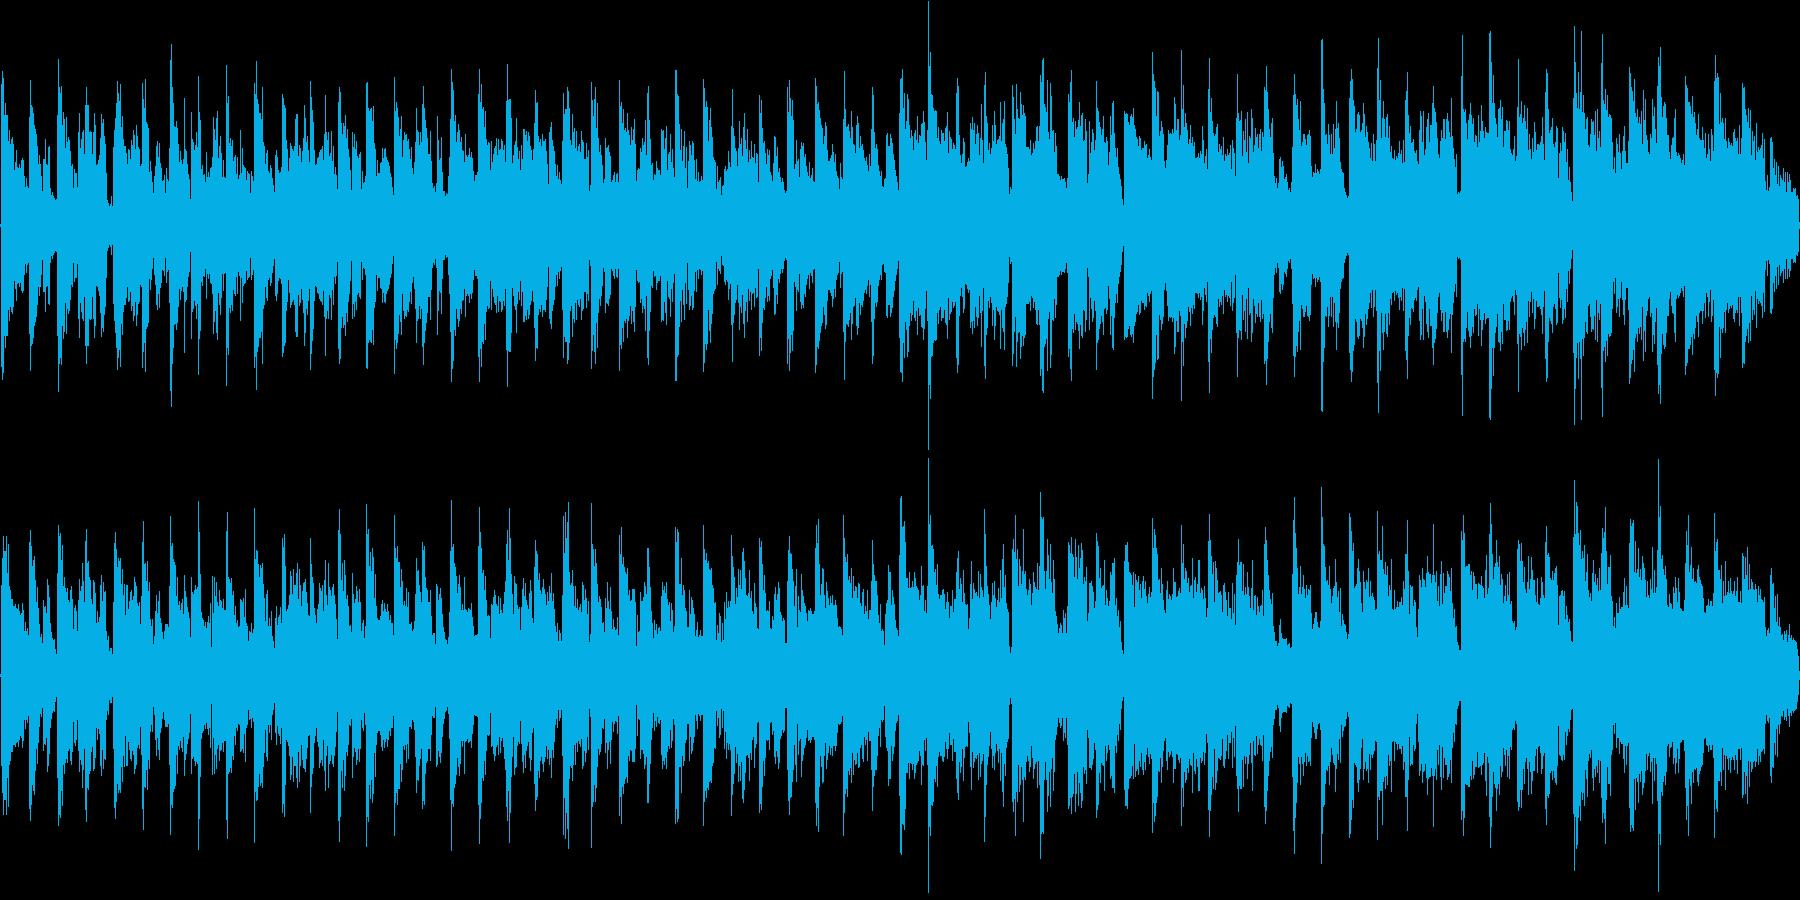 ダンス系の曲で、着信音やオープニングな…の再生済みの波形